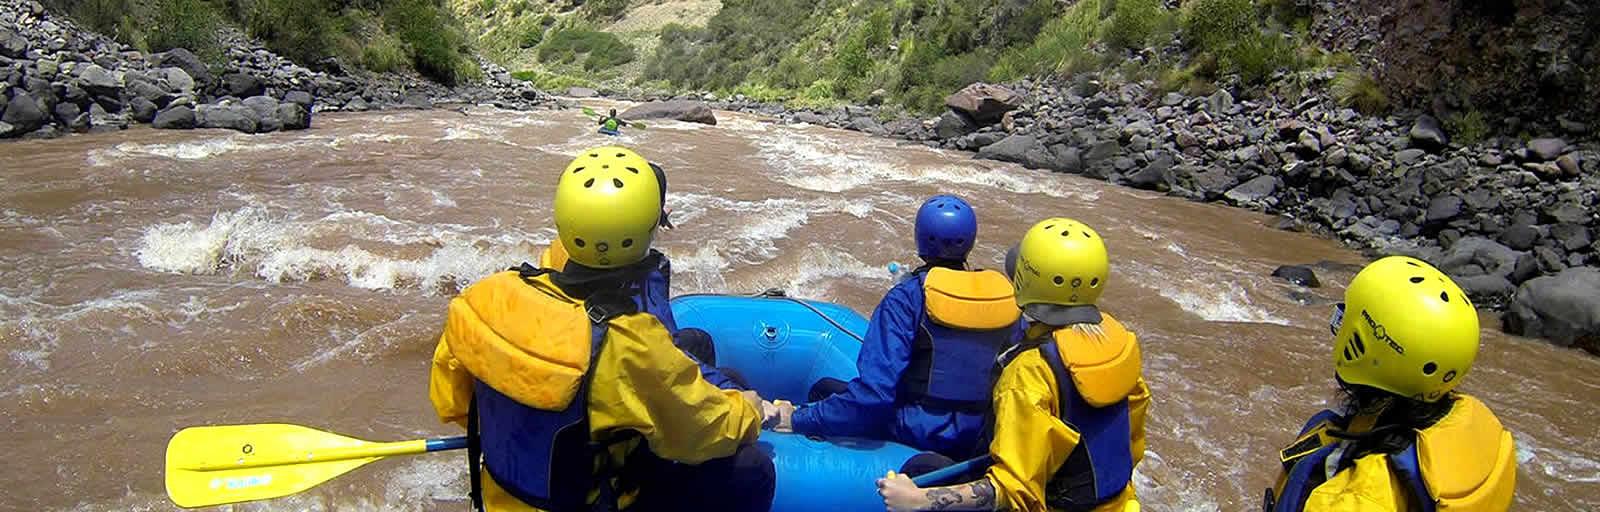 cusco rafting